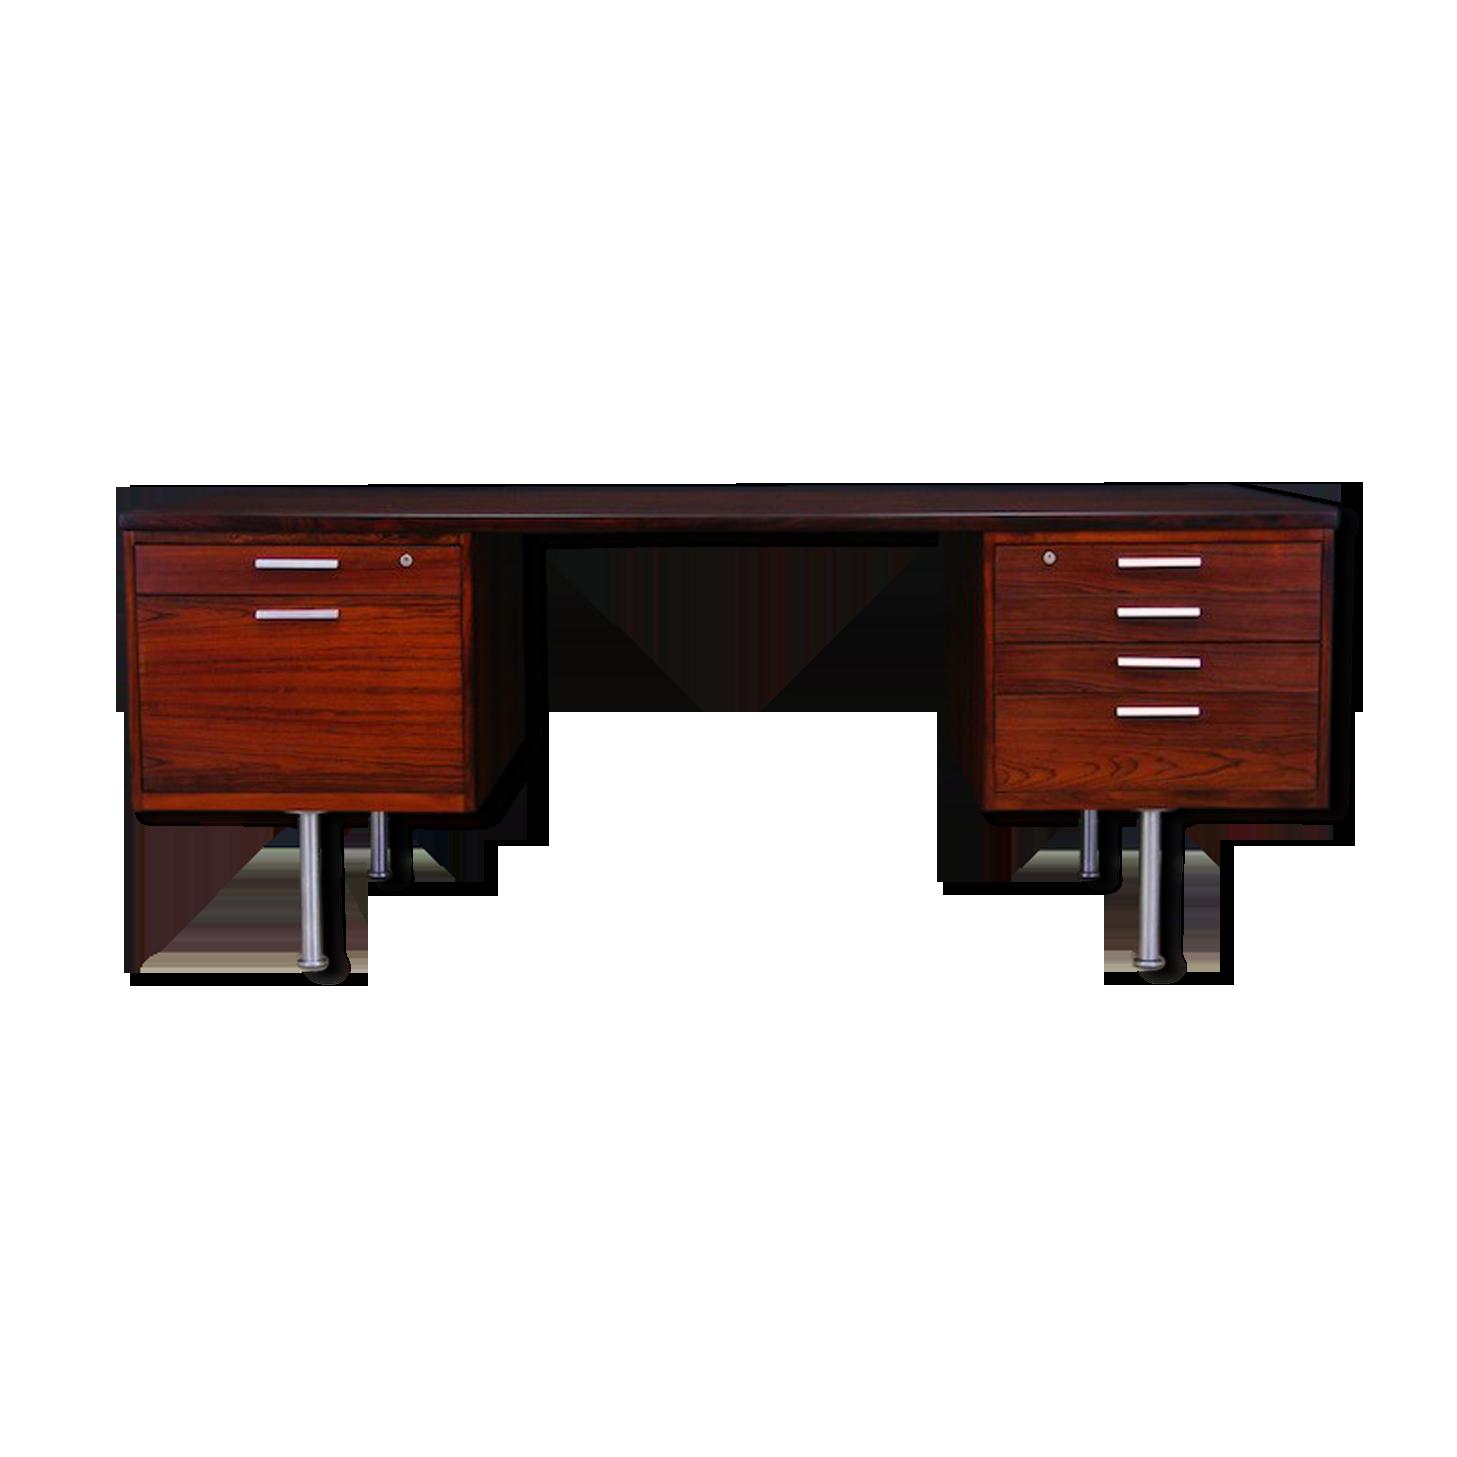 Bureau danois design bois matériau bois couleur